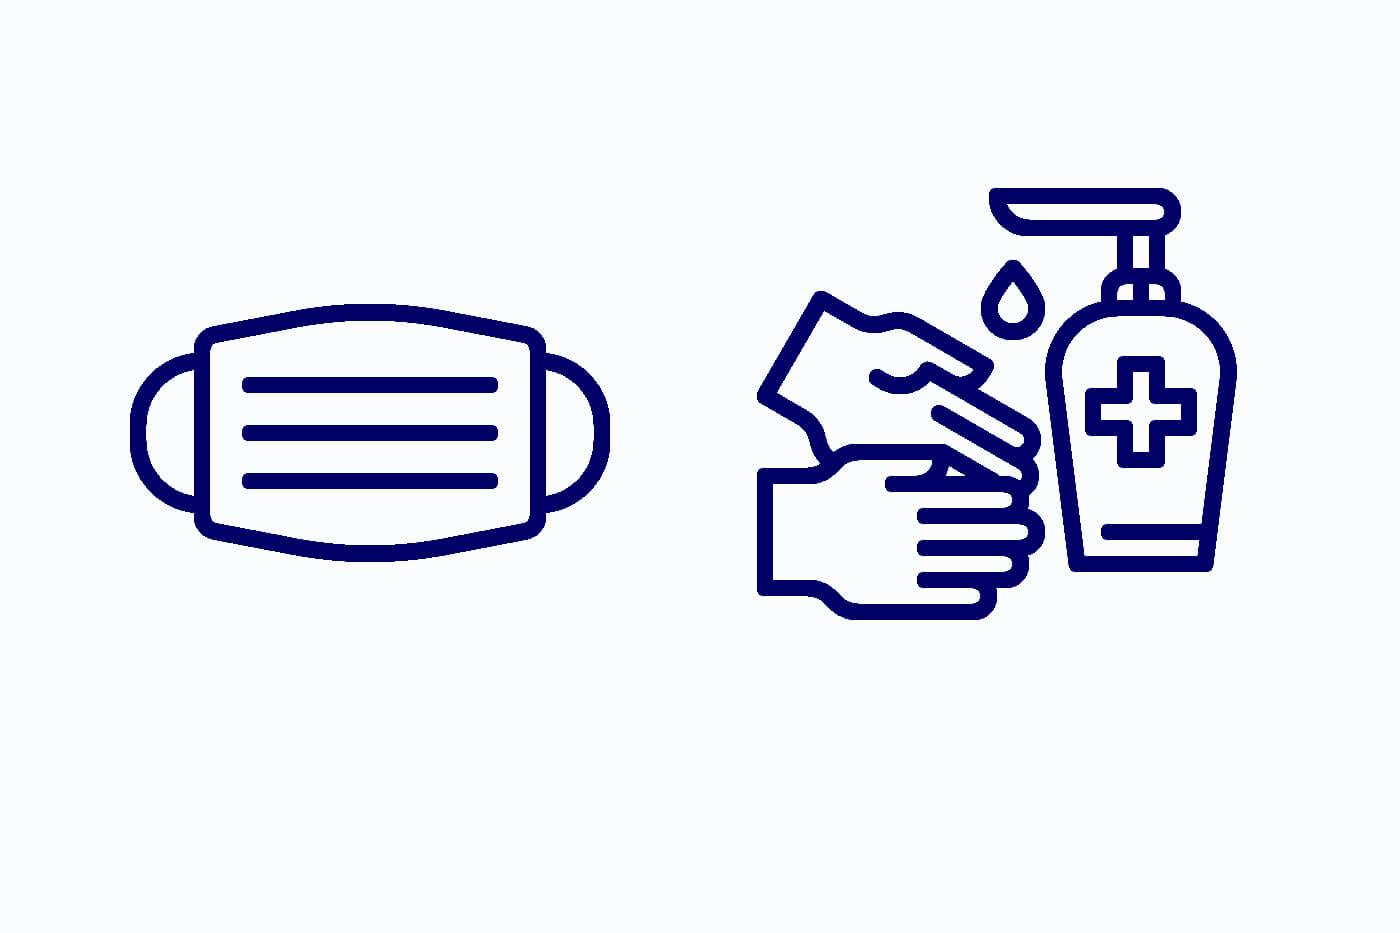 KruCon Hygienekonzept Hygiene.jpg